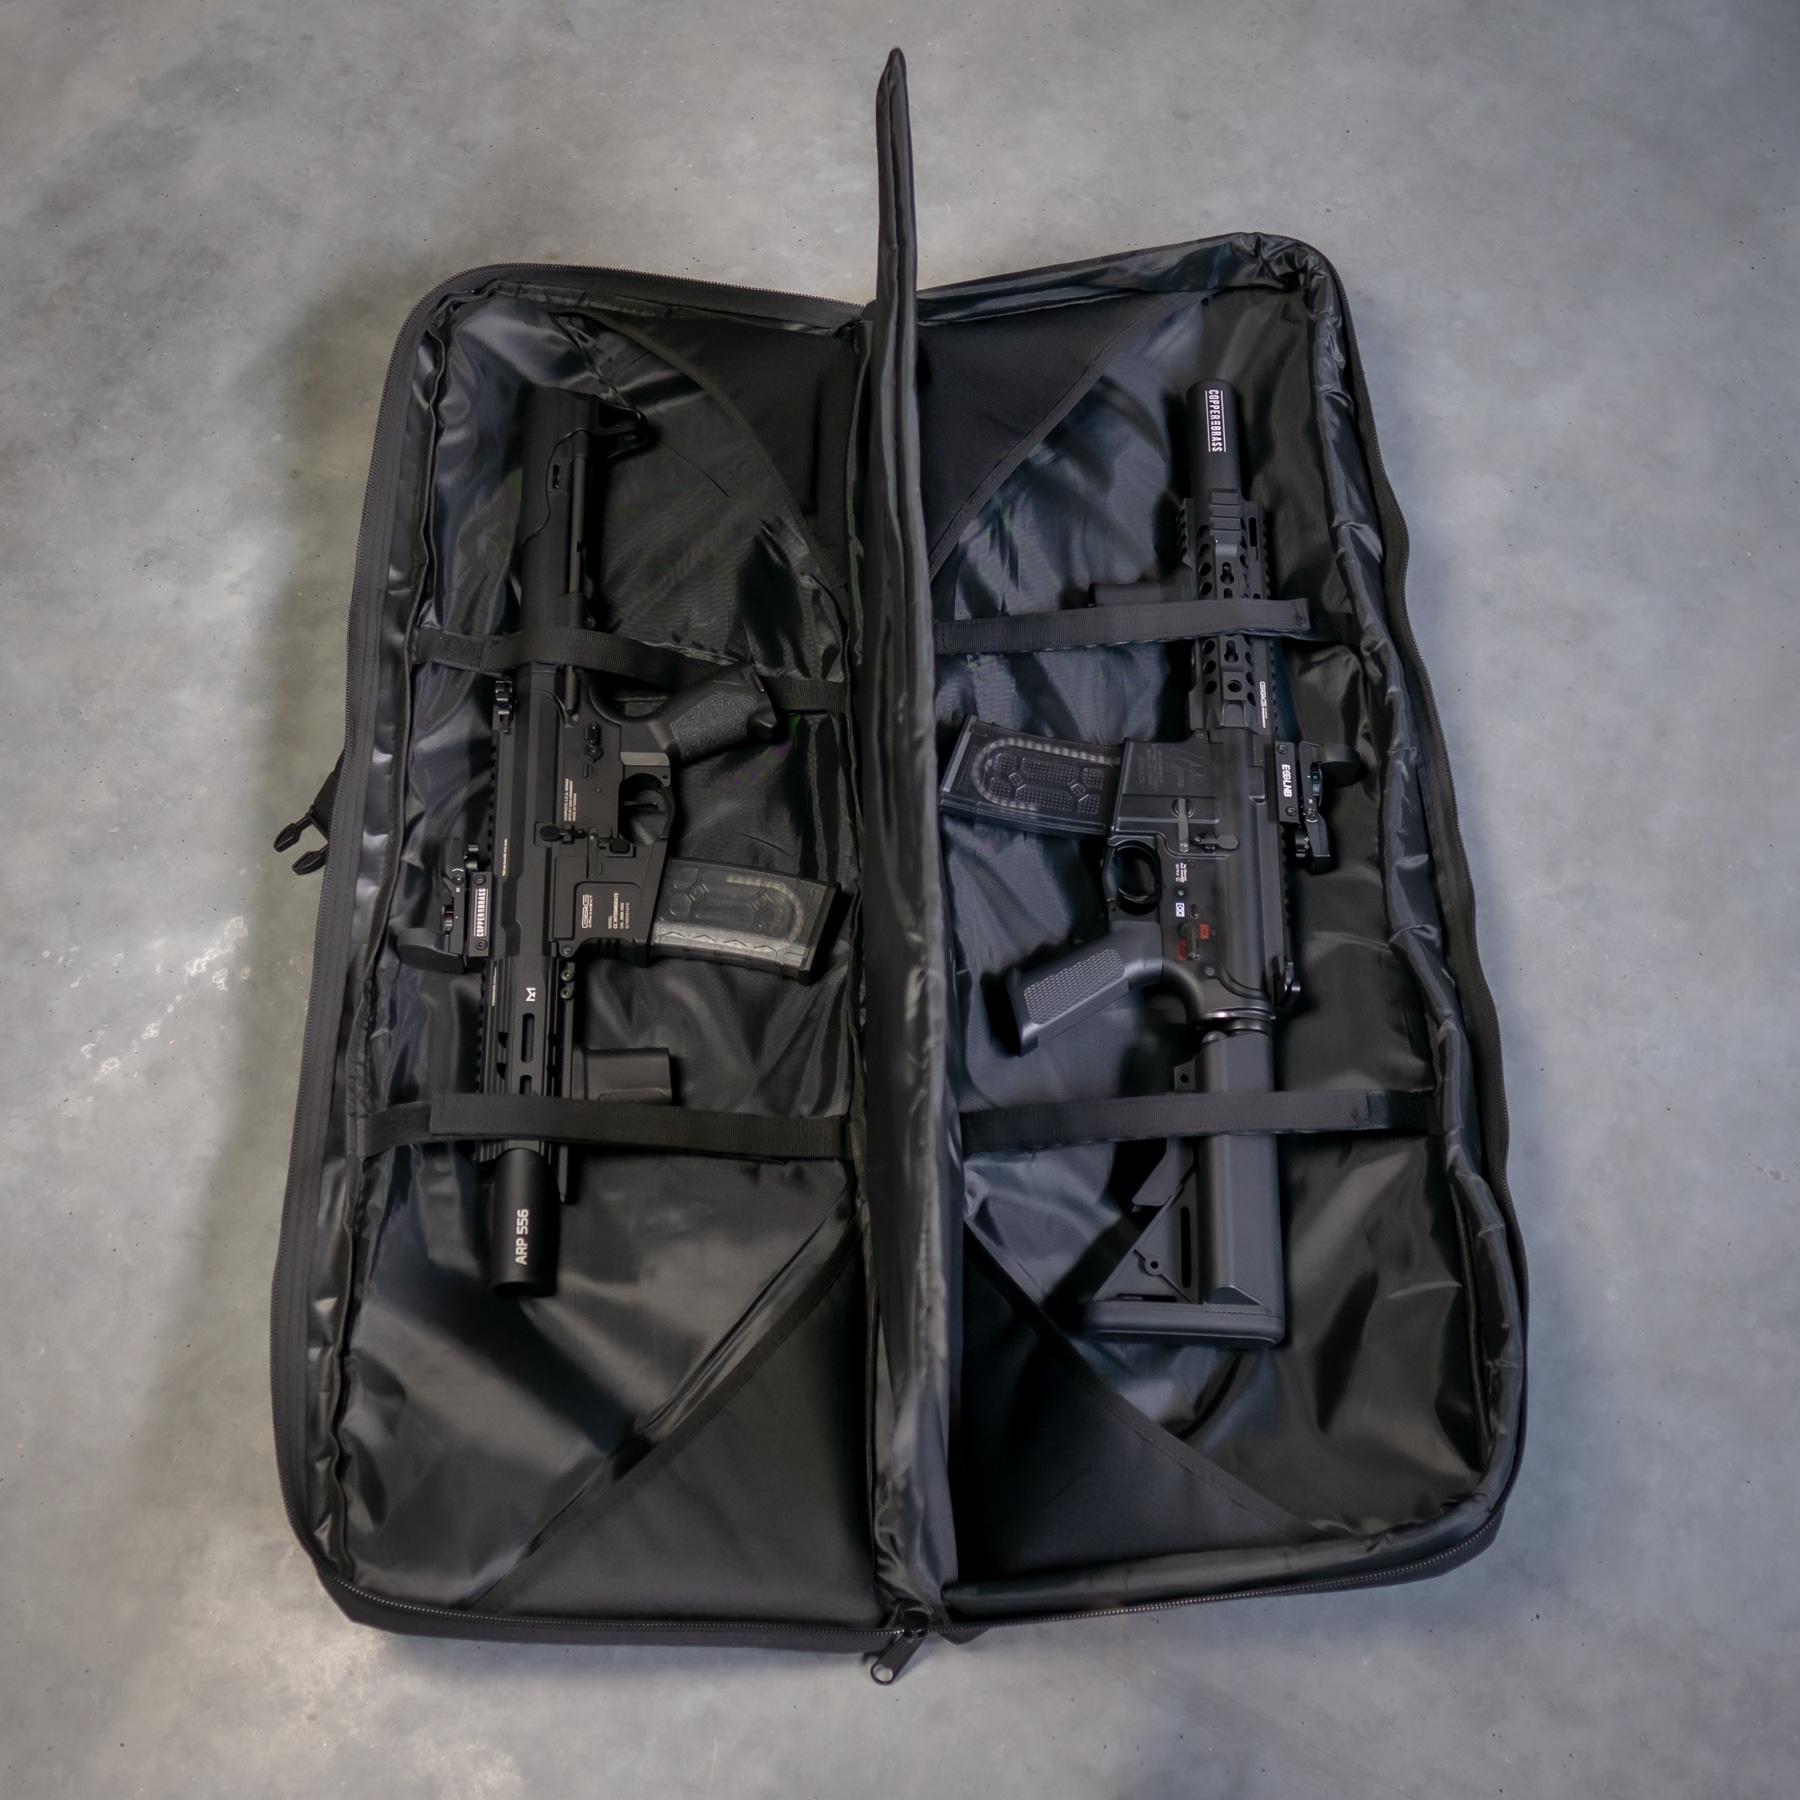 Airsoft-Rucksack-Gewehr-Tasche-Langwaffen-personalisiert-Shop